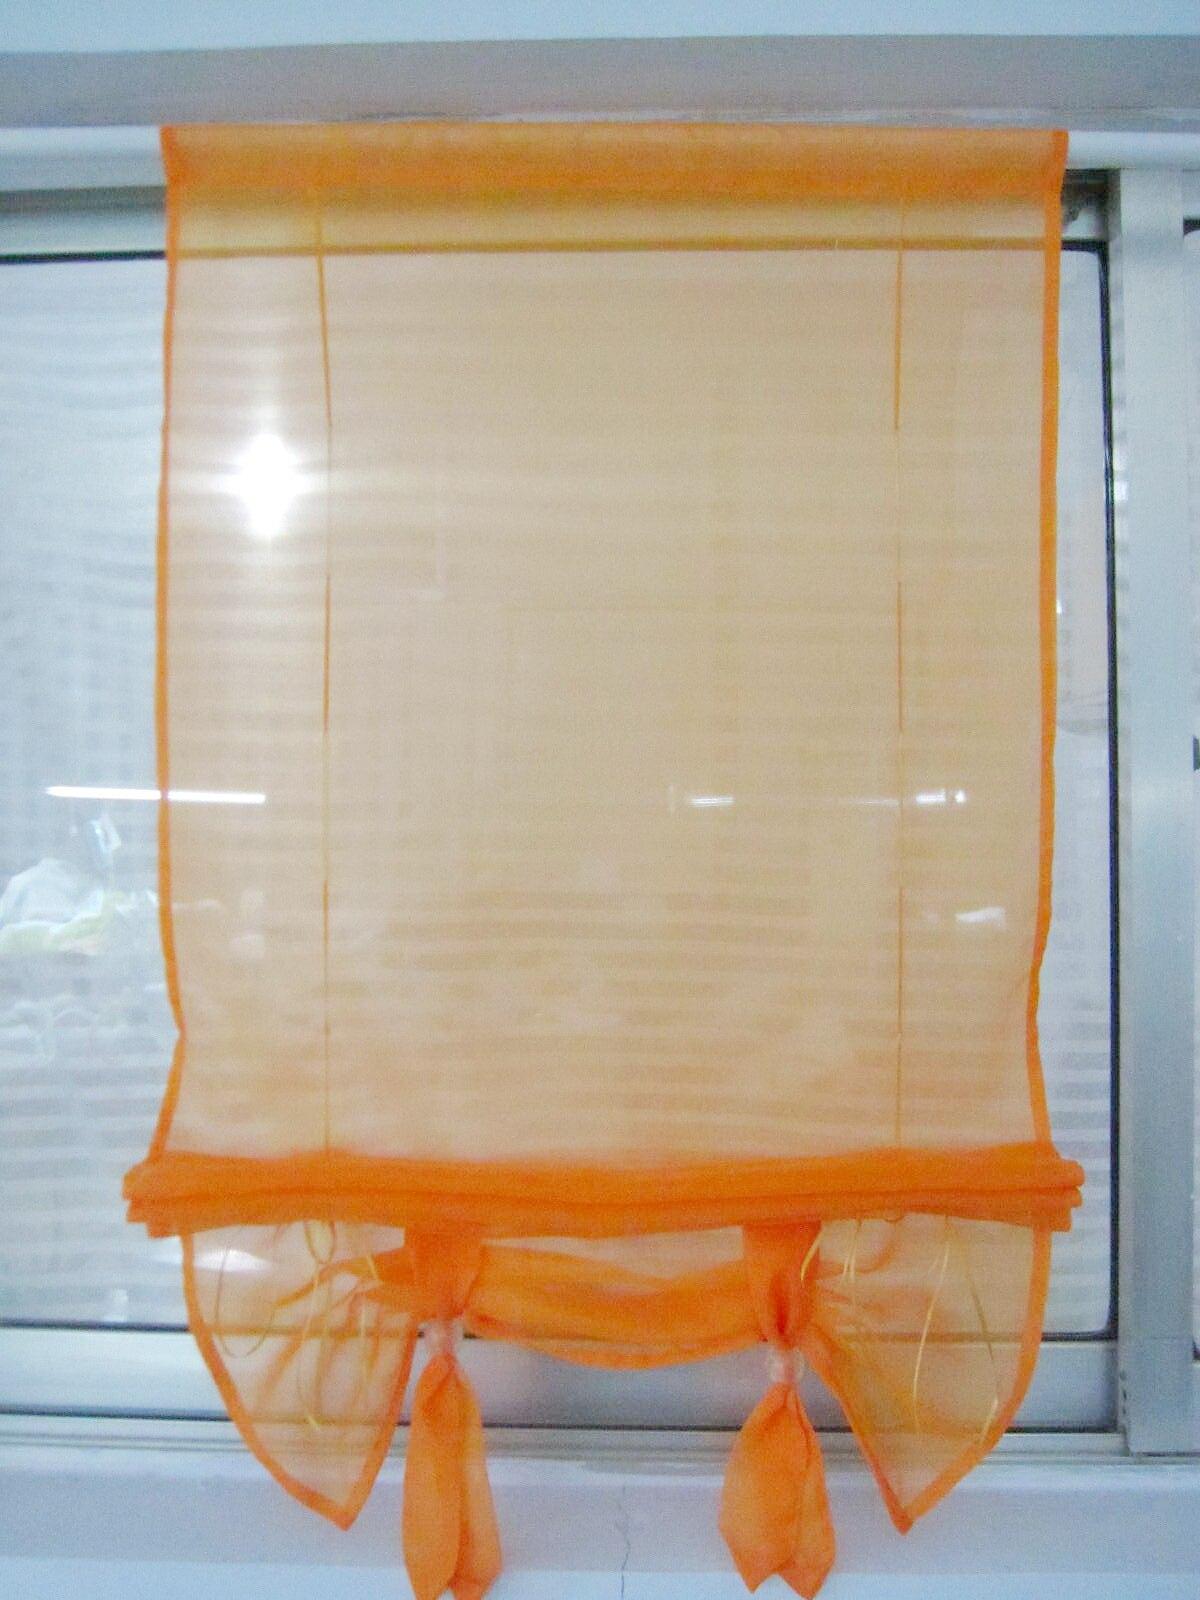 comprar polister hermosa pura cortina de las persianas romanas para cocina bao dormitorio de curtain ball fiable proveedores en our